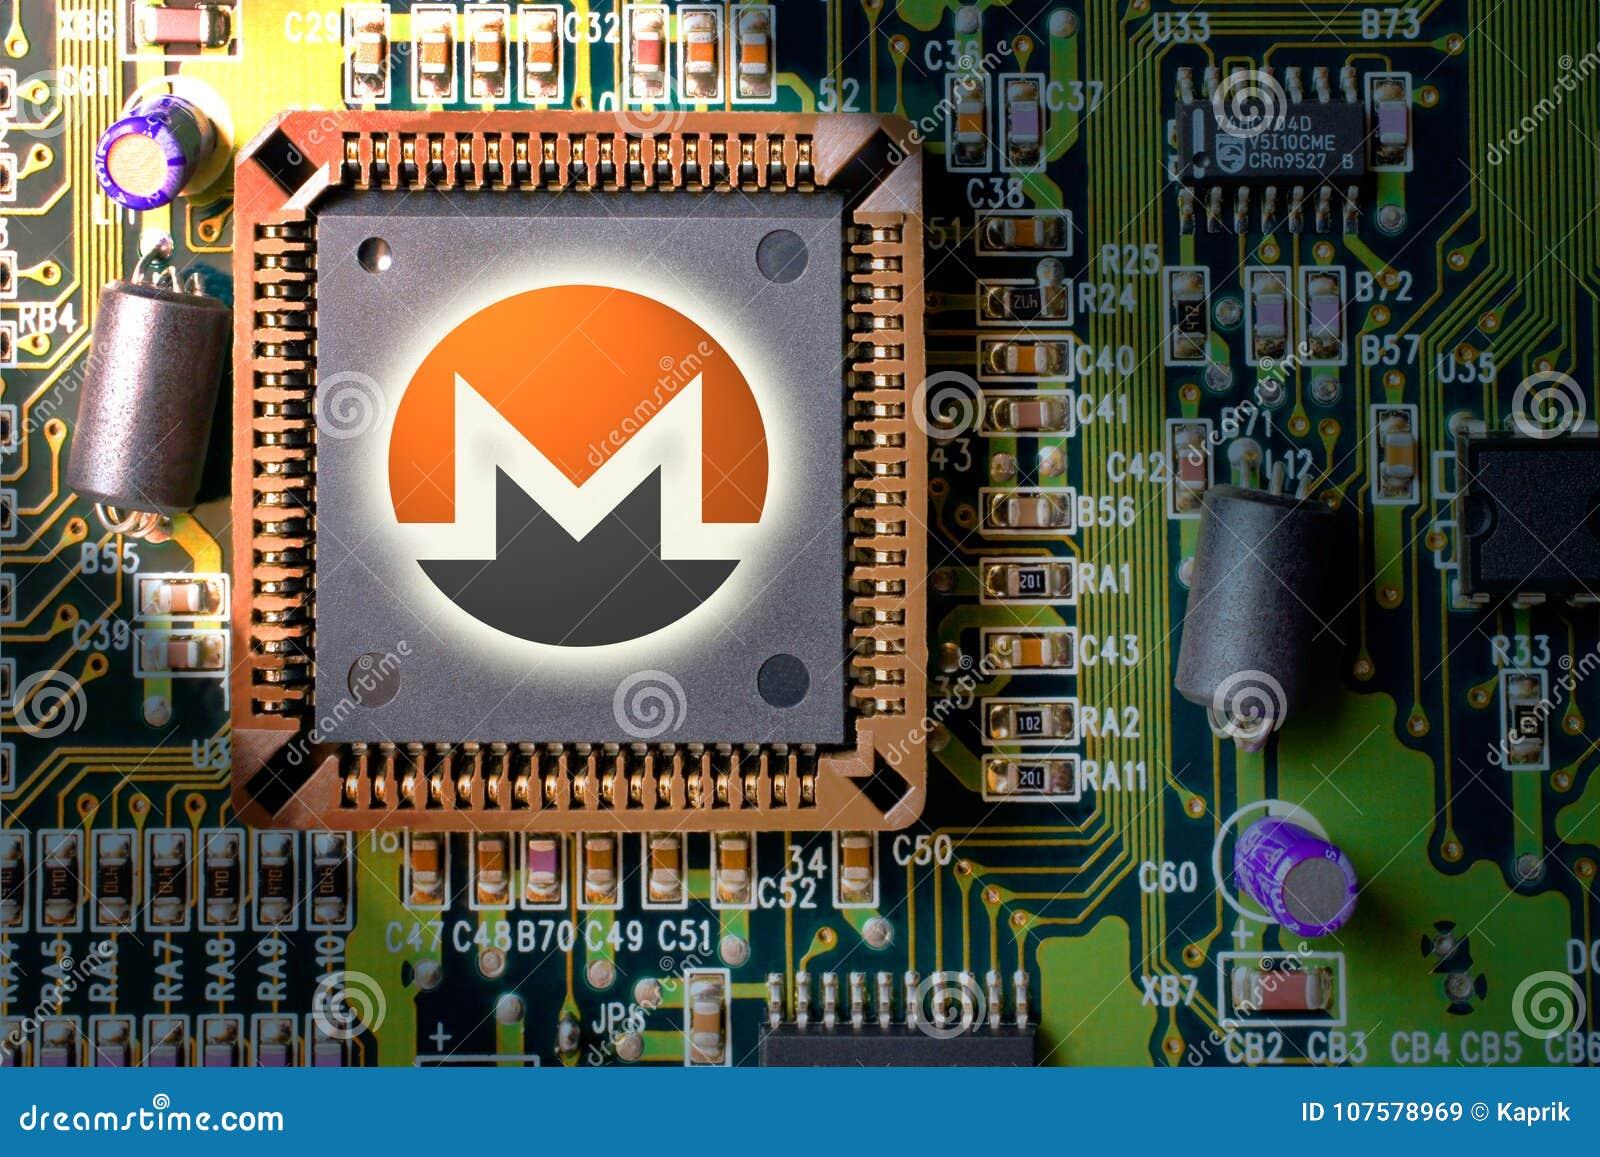 Cryptocurrency e blockchain - dinheiro financeiro da tecnologia e do Internet - mineração da placa de circuito e moeda Monero XMR